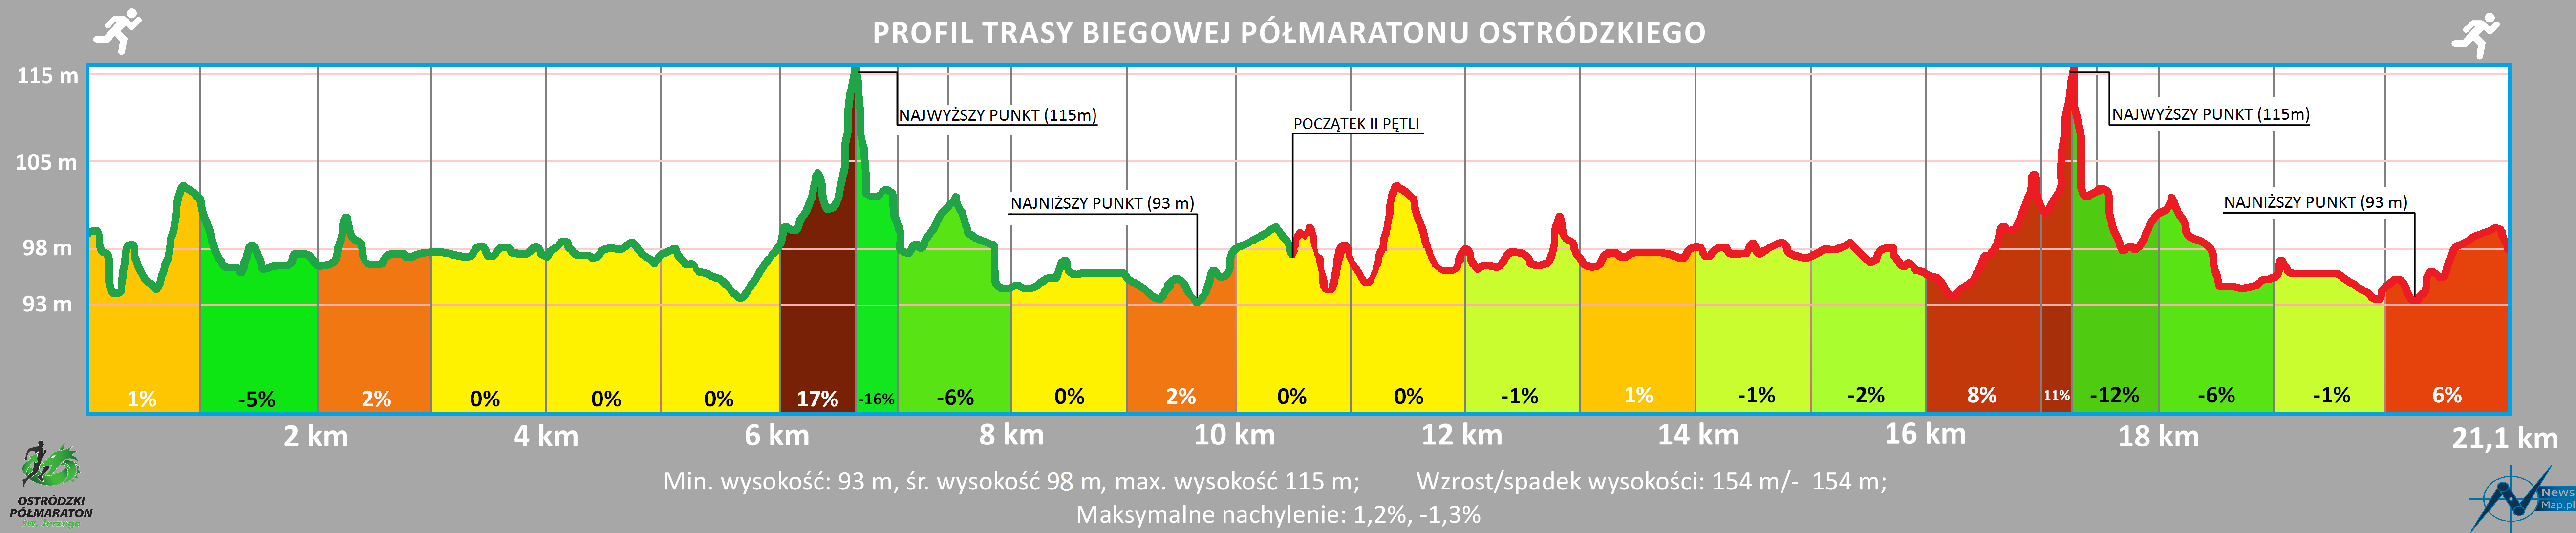 Profil topograficzny VI Półmaratonu Ostródzkiego